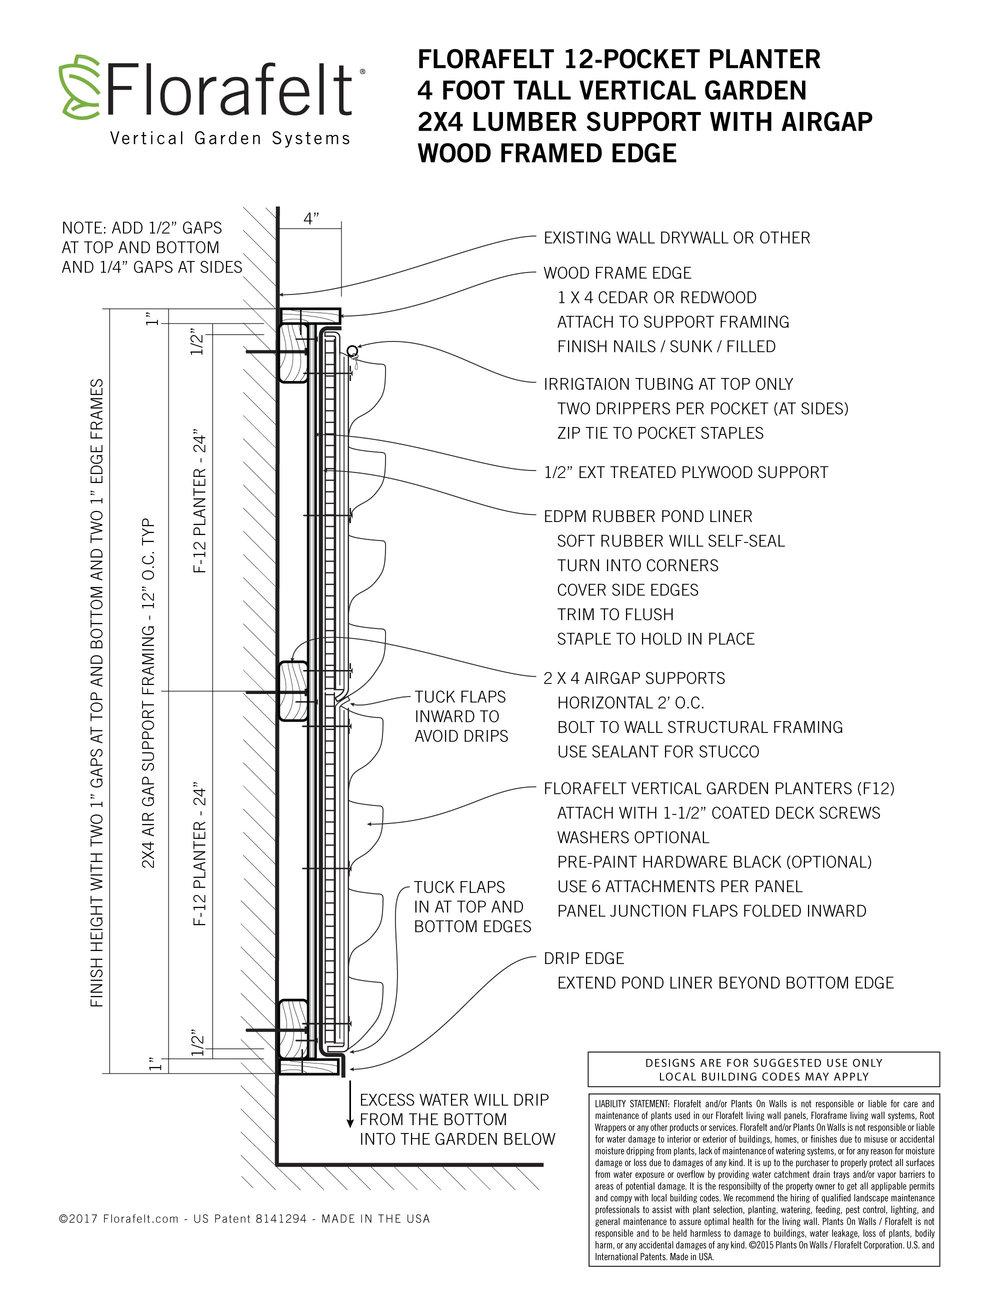 Florafelt-Vertical-Garden-Install-Wood-Framed-Edge